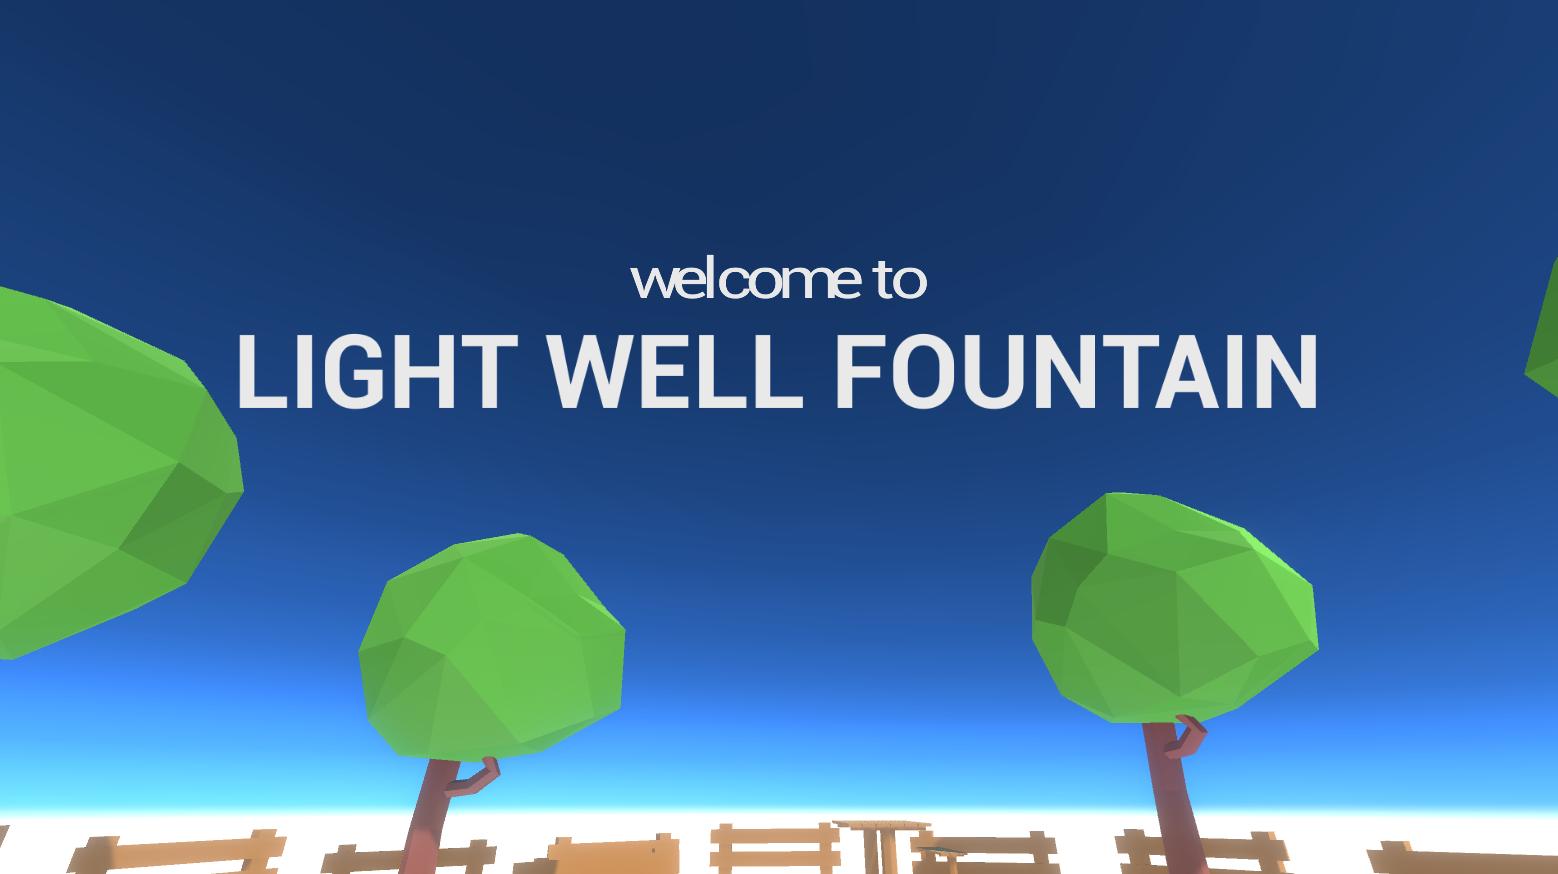 Light Well Fountain